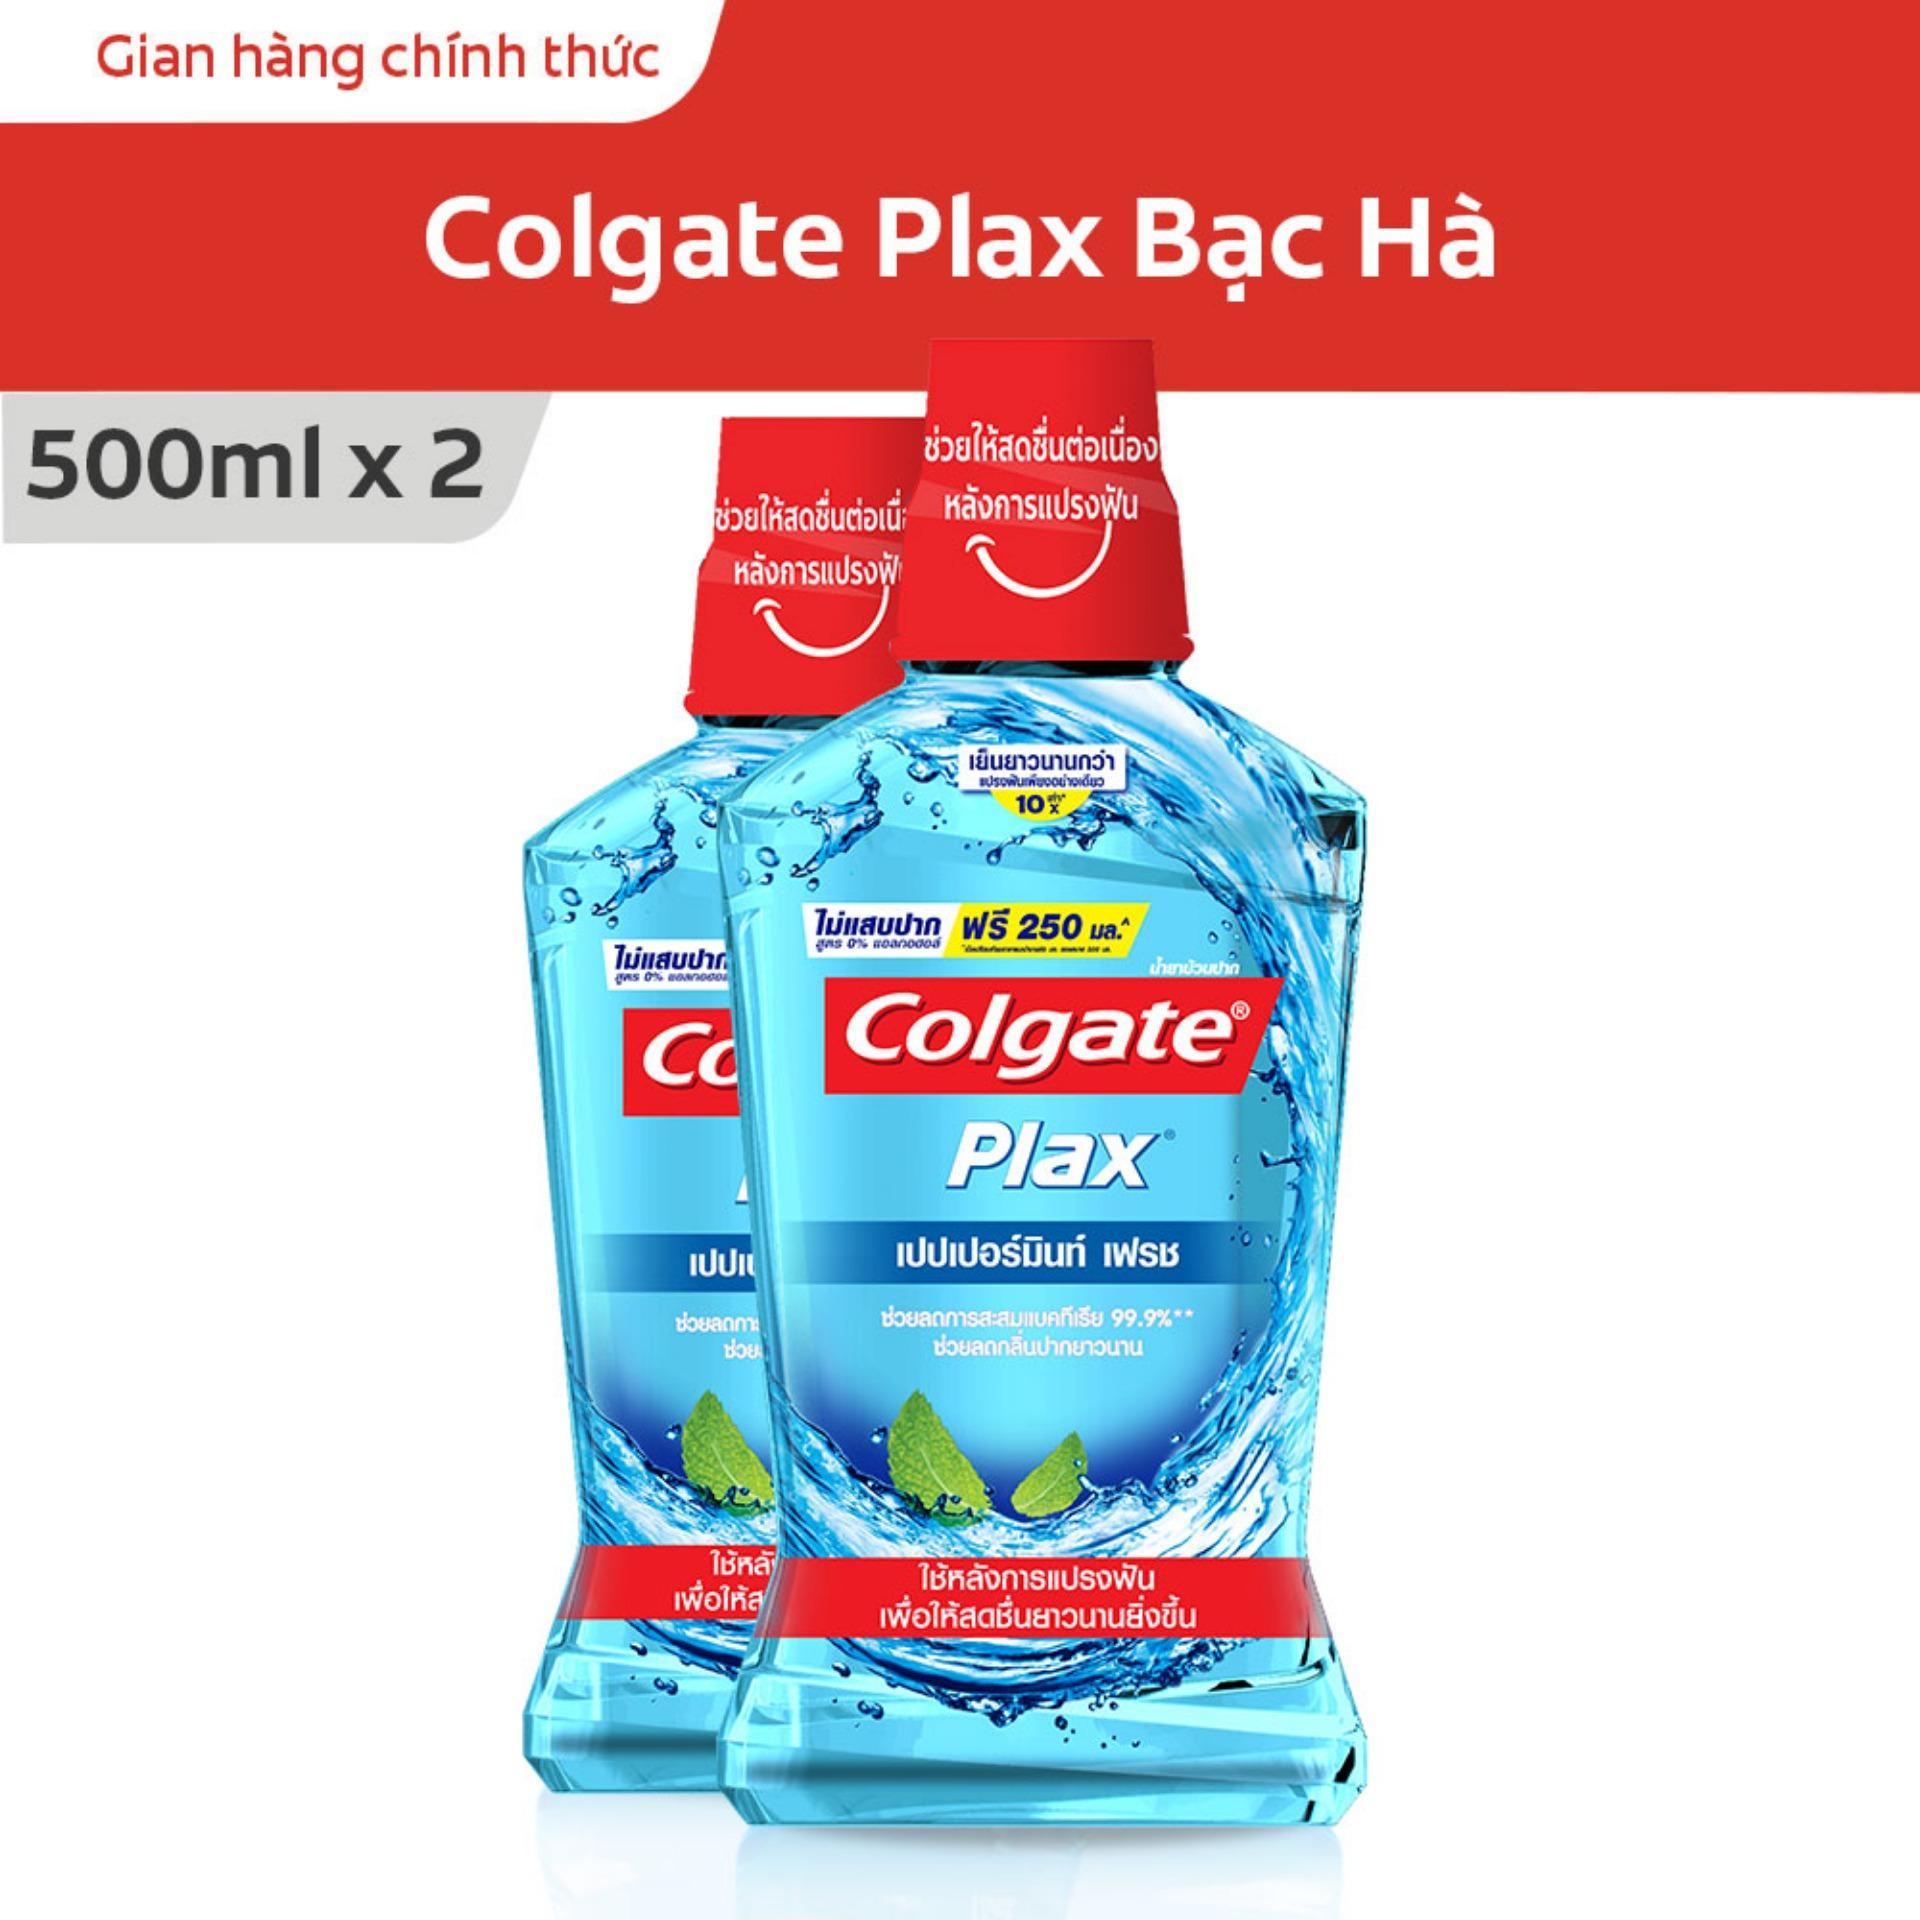 Bộ đôi Nước súc miệng Colgate Plax bạc hà 500ml nhập khẩu